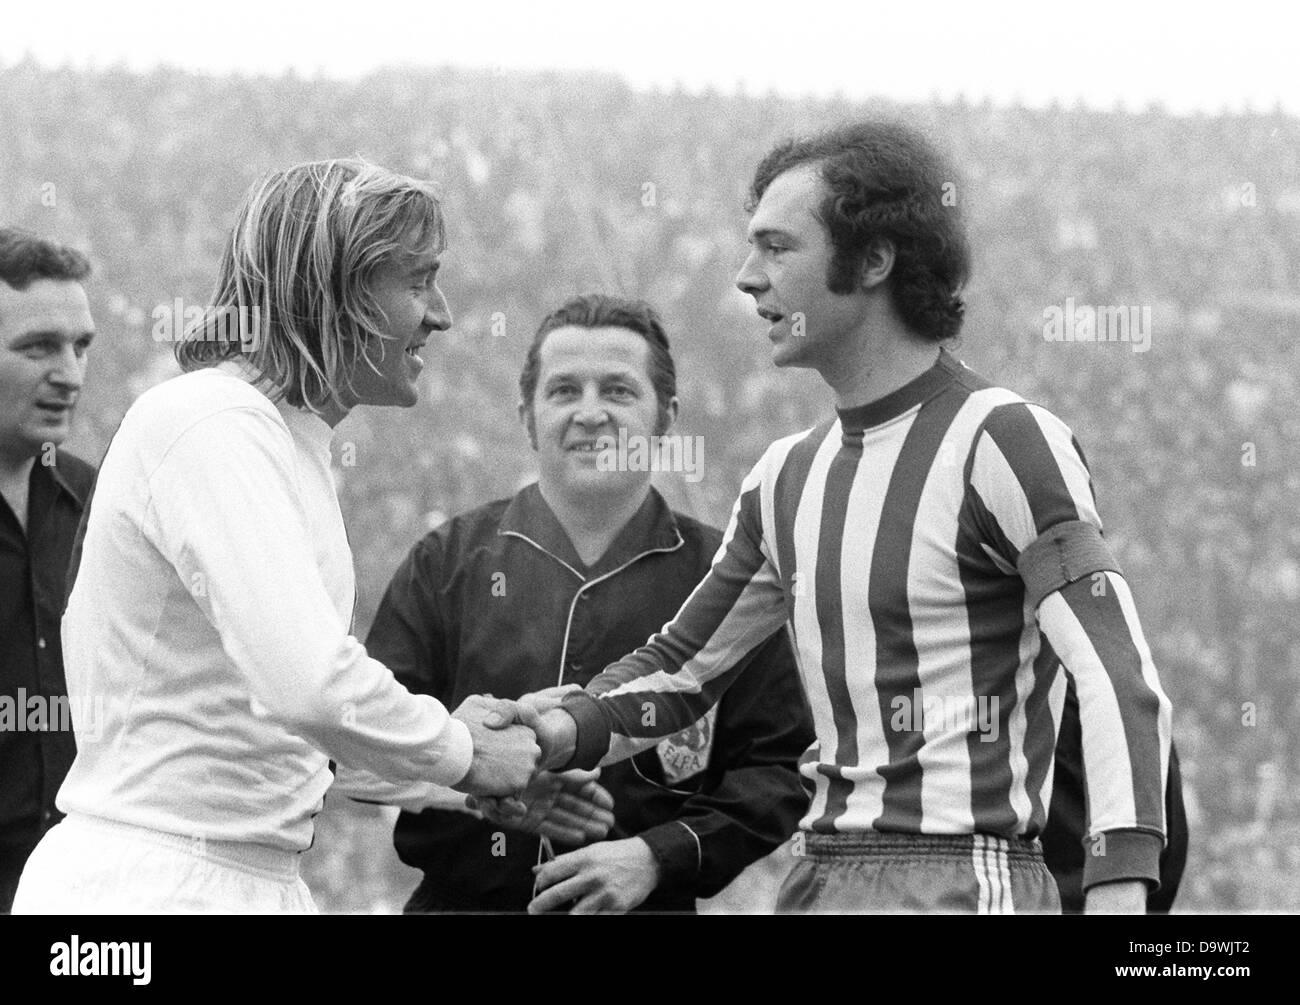 Franz Beckenbauer from FC Bayern Munich r and Günter Netzer from